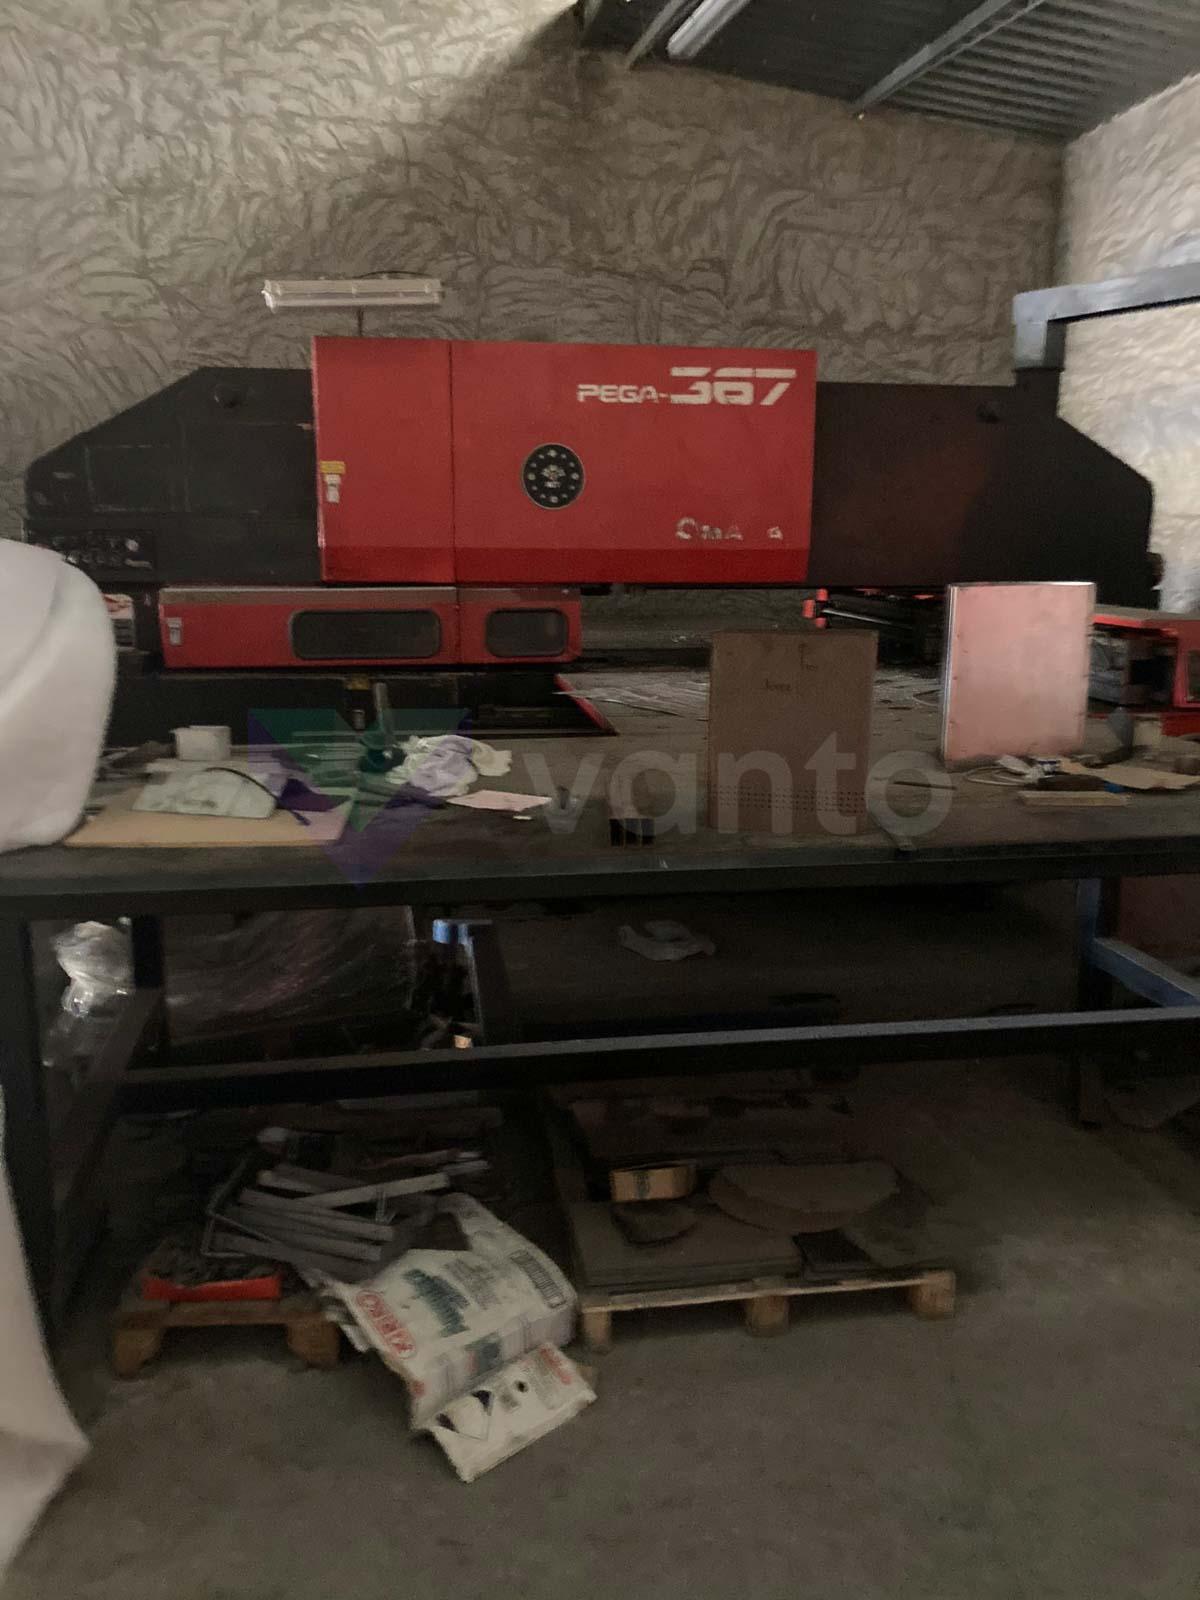 AMADA PEGA 367 CNC punching machine (1999) id10582